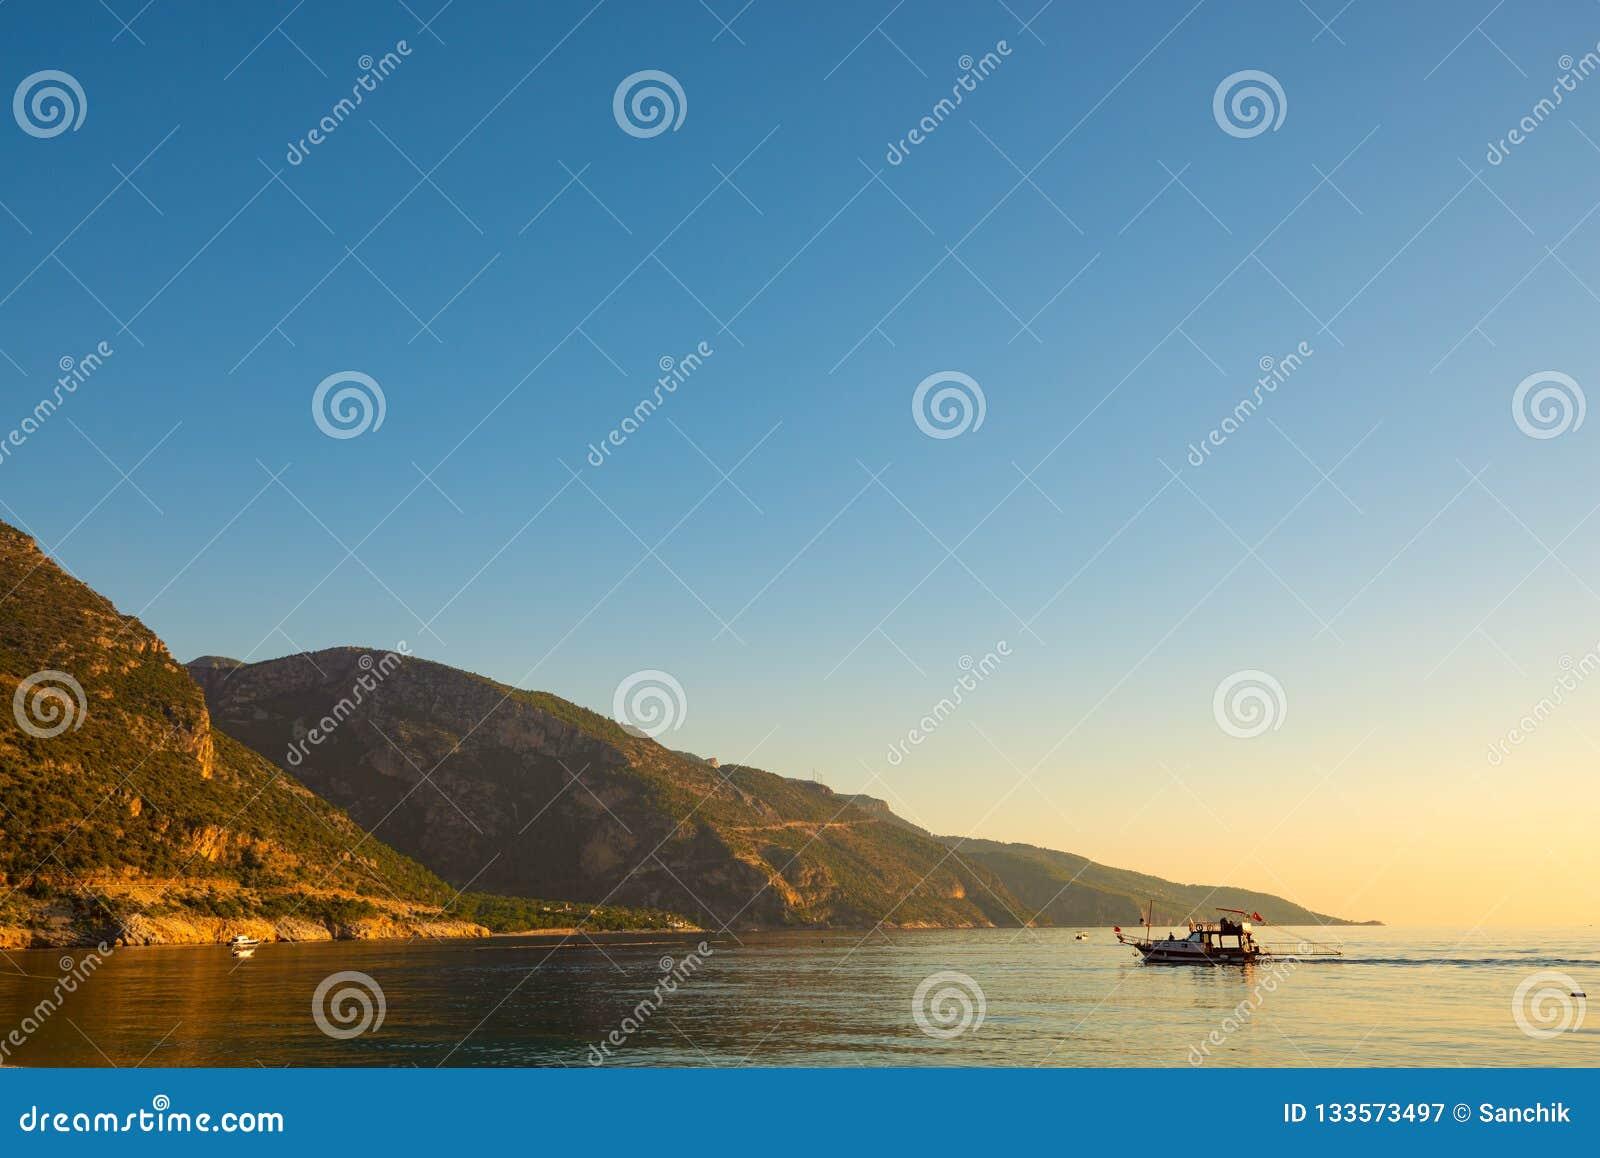 快速汽艇和风船在Mediterranea的绿松石水域中